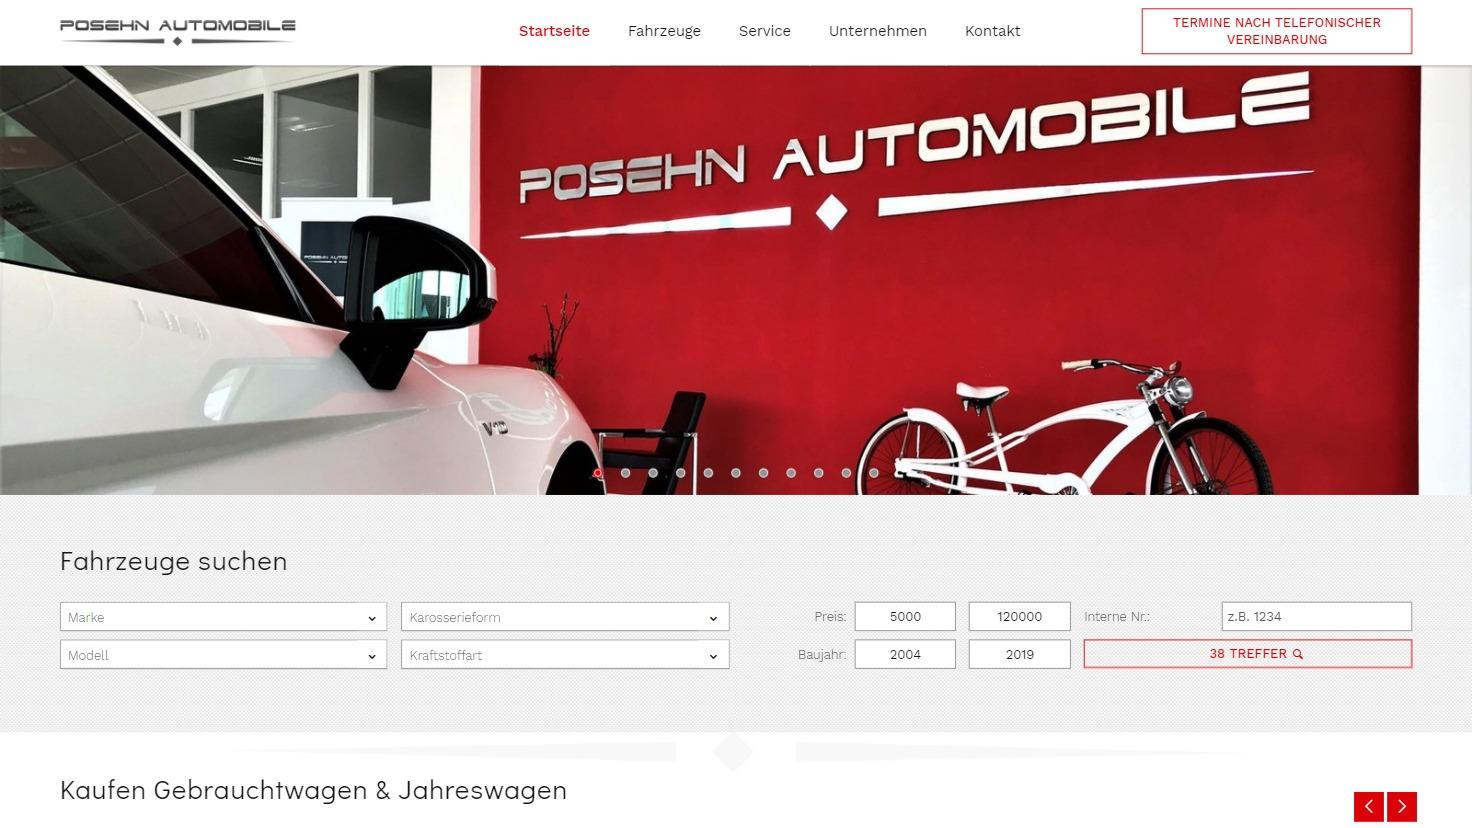 Posehn Automobile - unabhängiger Anbieter in Heсhingen